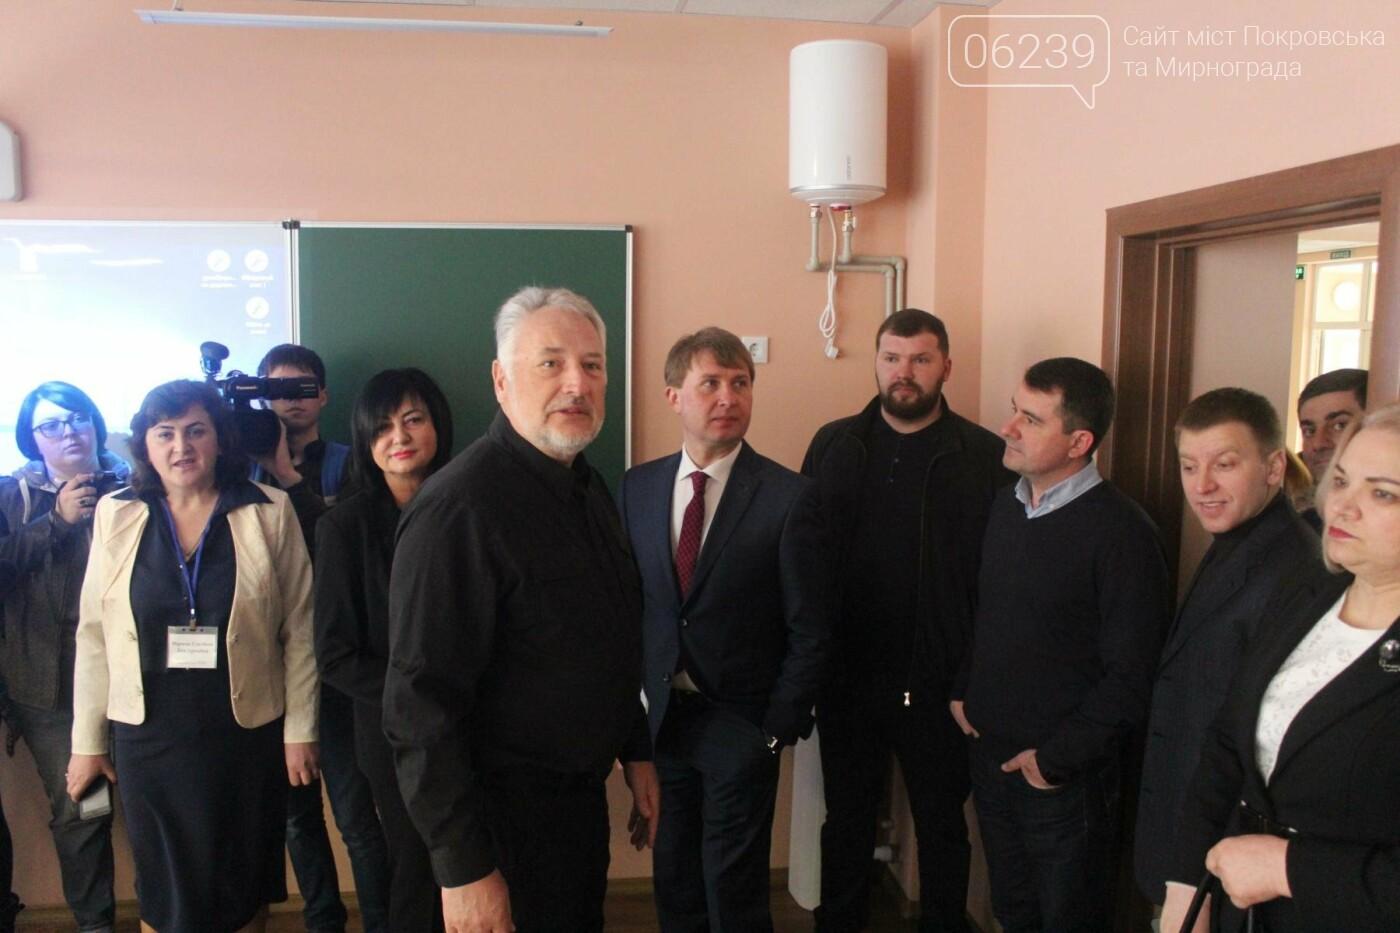 Жебривский проинспектировал ход выполнения ремонтных работ в опорной школе Мирнограда, школа практически готова к открытию , фото-1